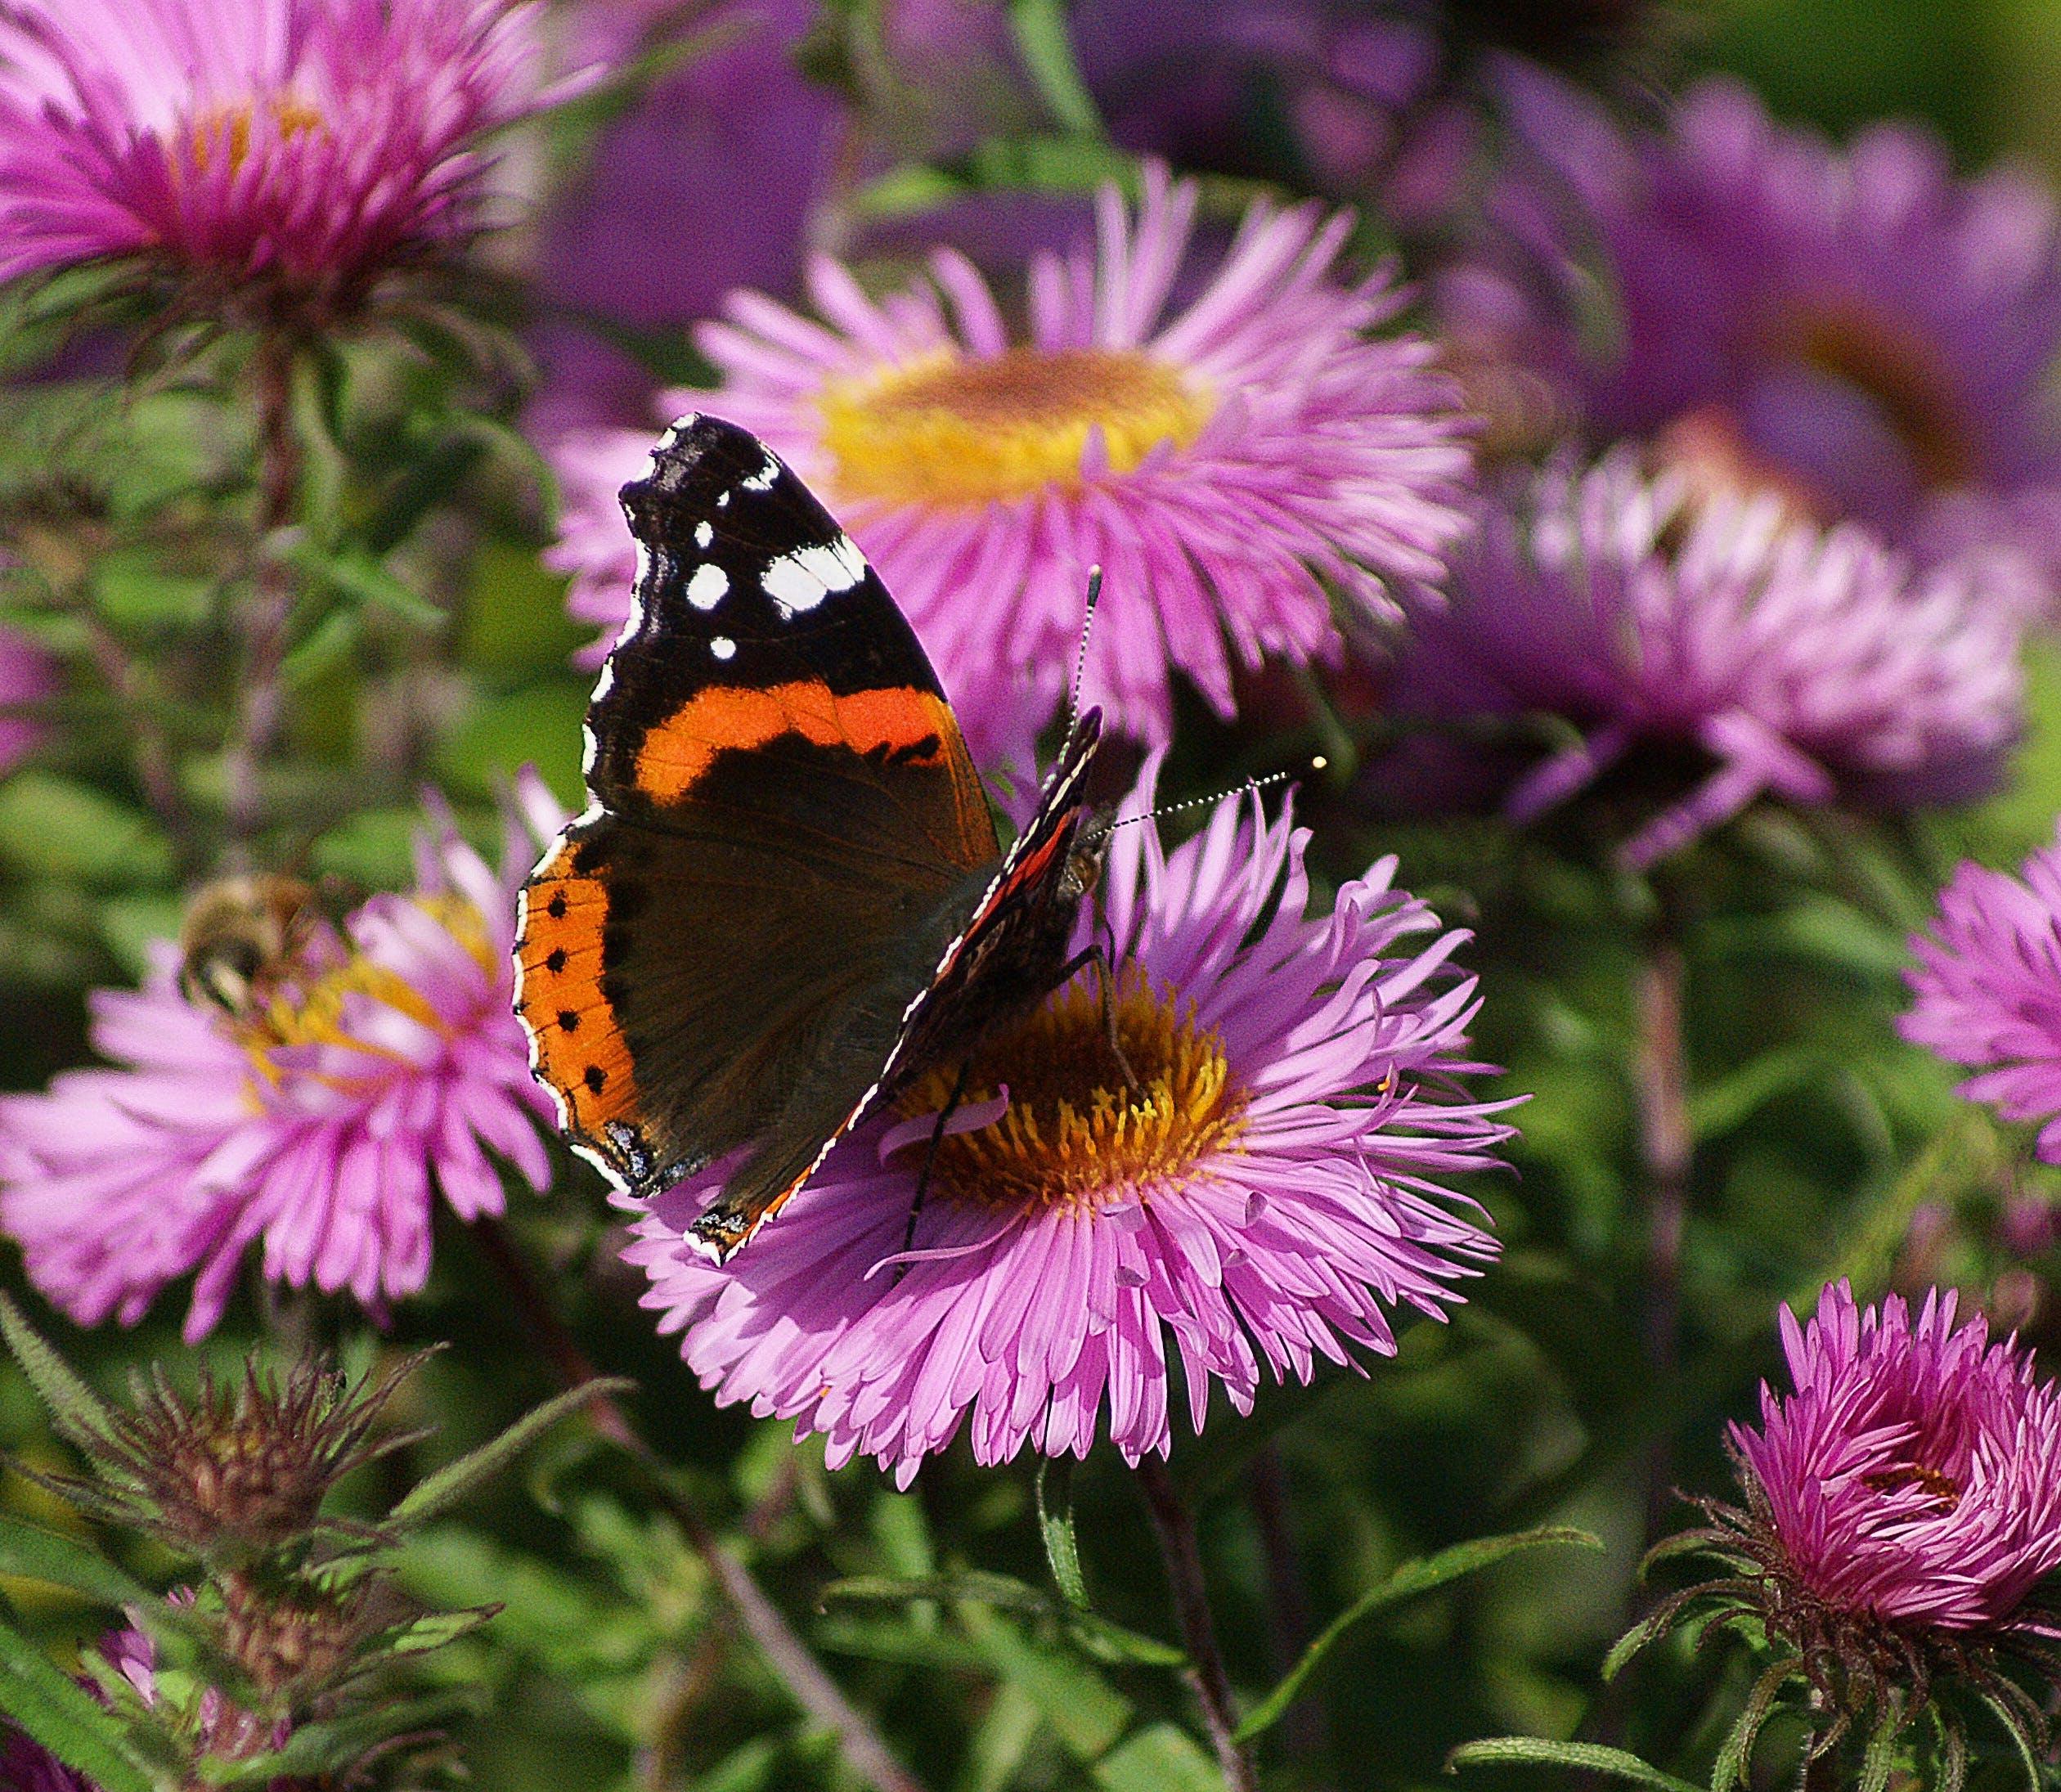 Gratis lagerfoto af bane, blomster, close-up, dagslys